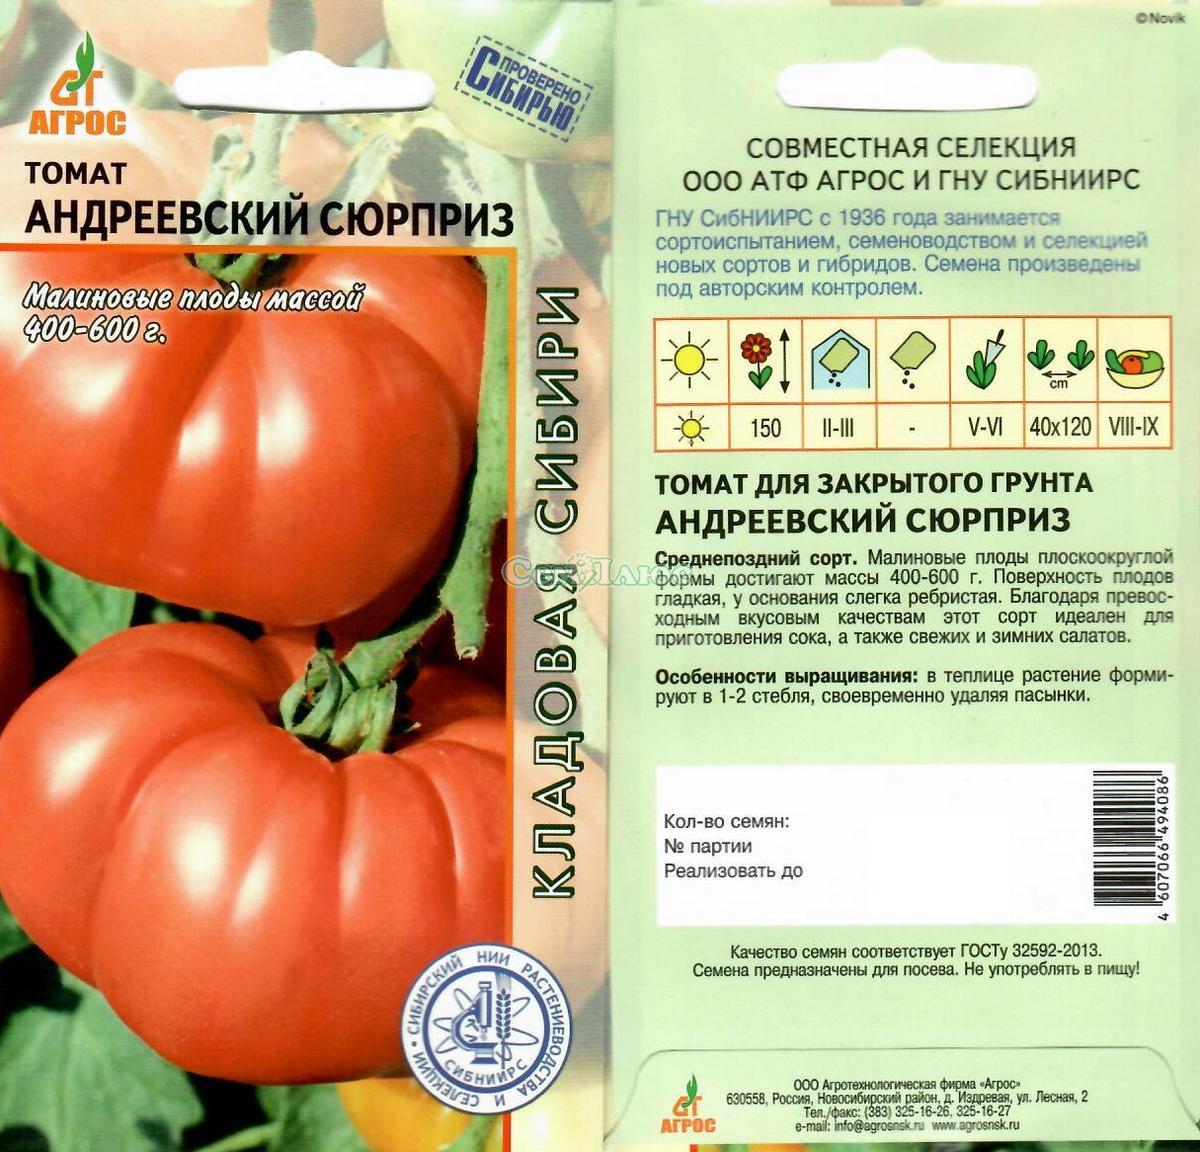 О томате андреевский сюрприз: описание сорта, характеристики помидоров, посев